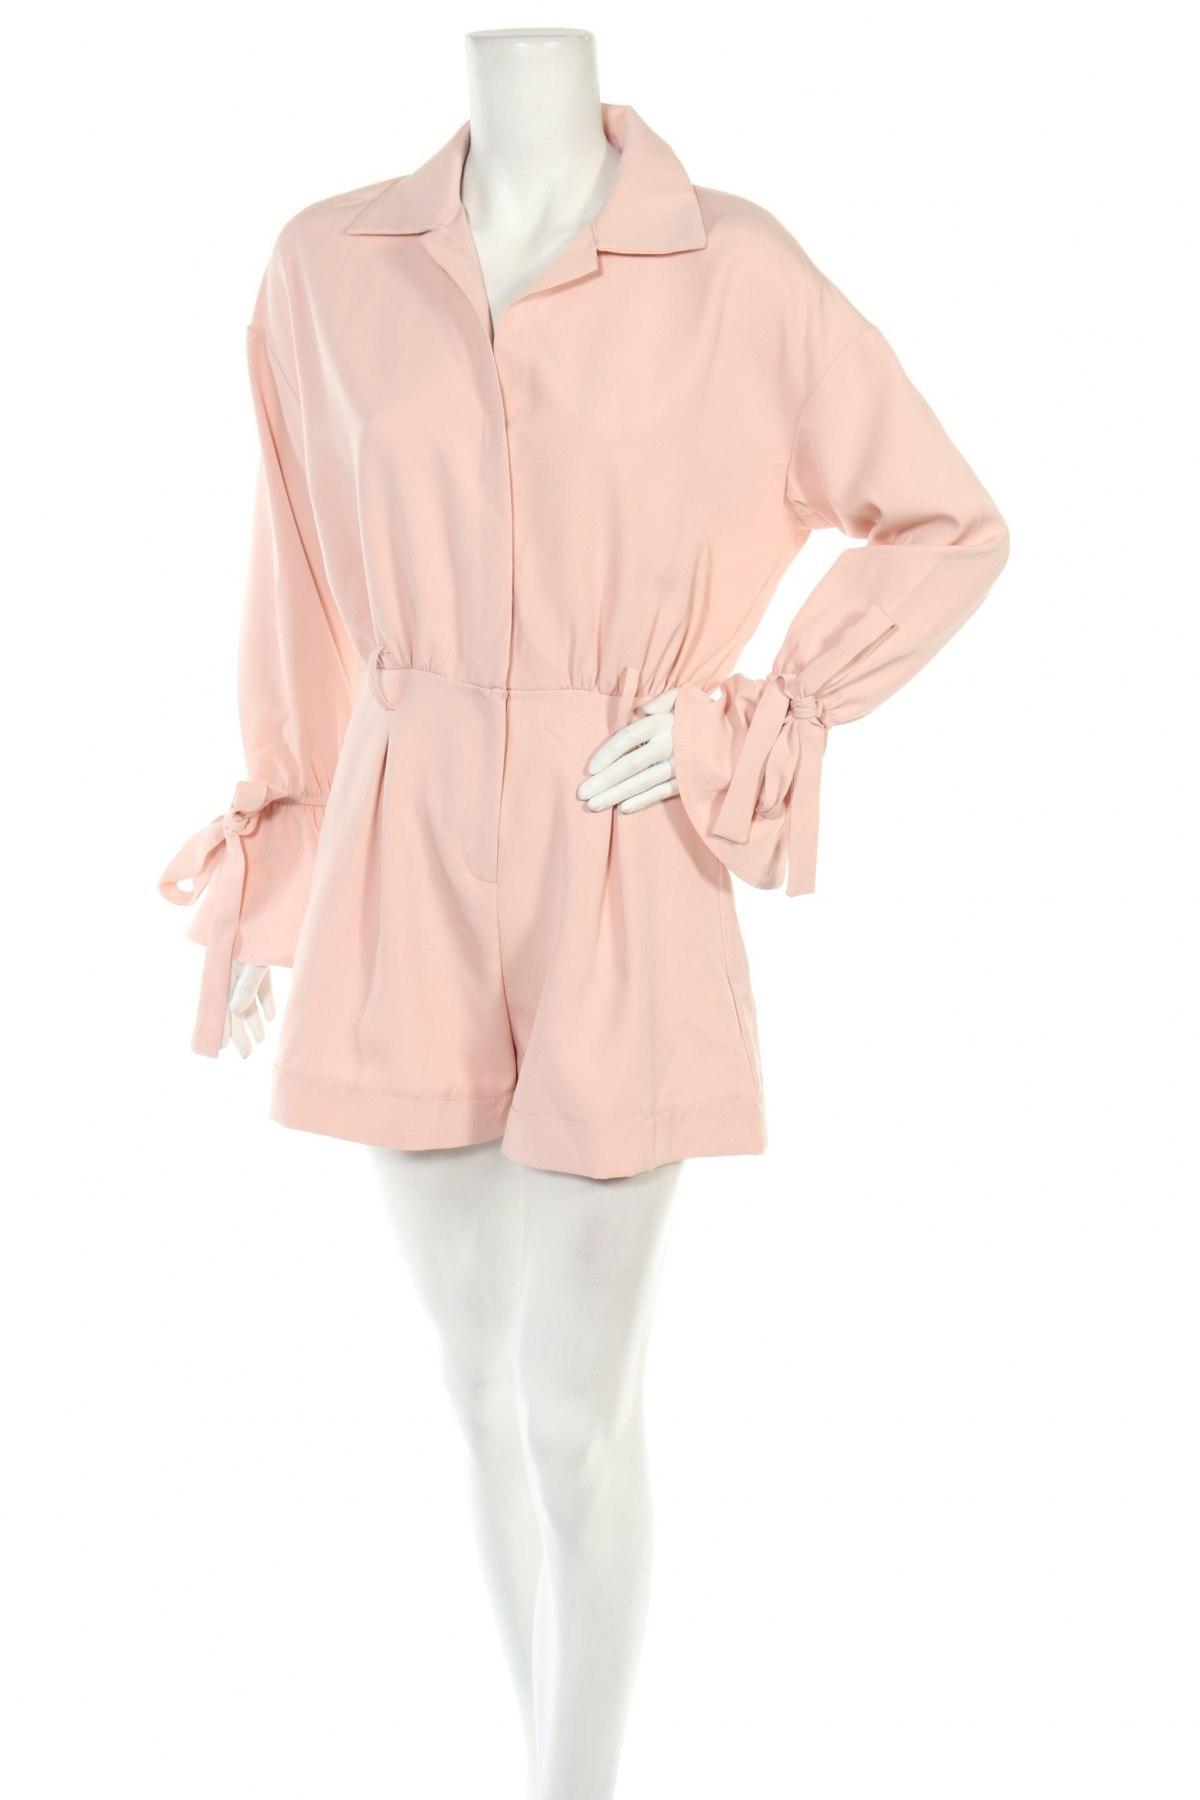 Γυναικεία σαλοπέτα Missguided, Μέγεθος S, Χρώμα Ρόζ , 97% πολυεστέρας, 3% ελαστάνη, Τιμή 12,57€